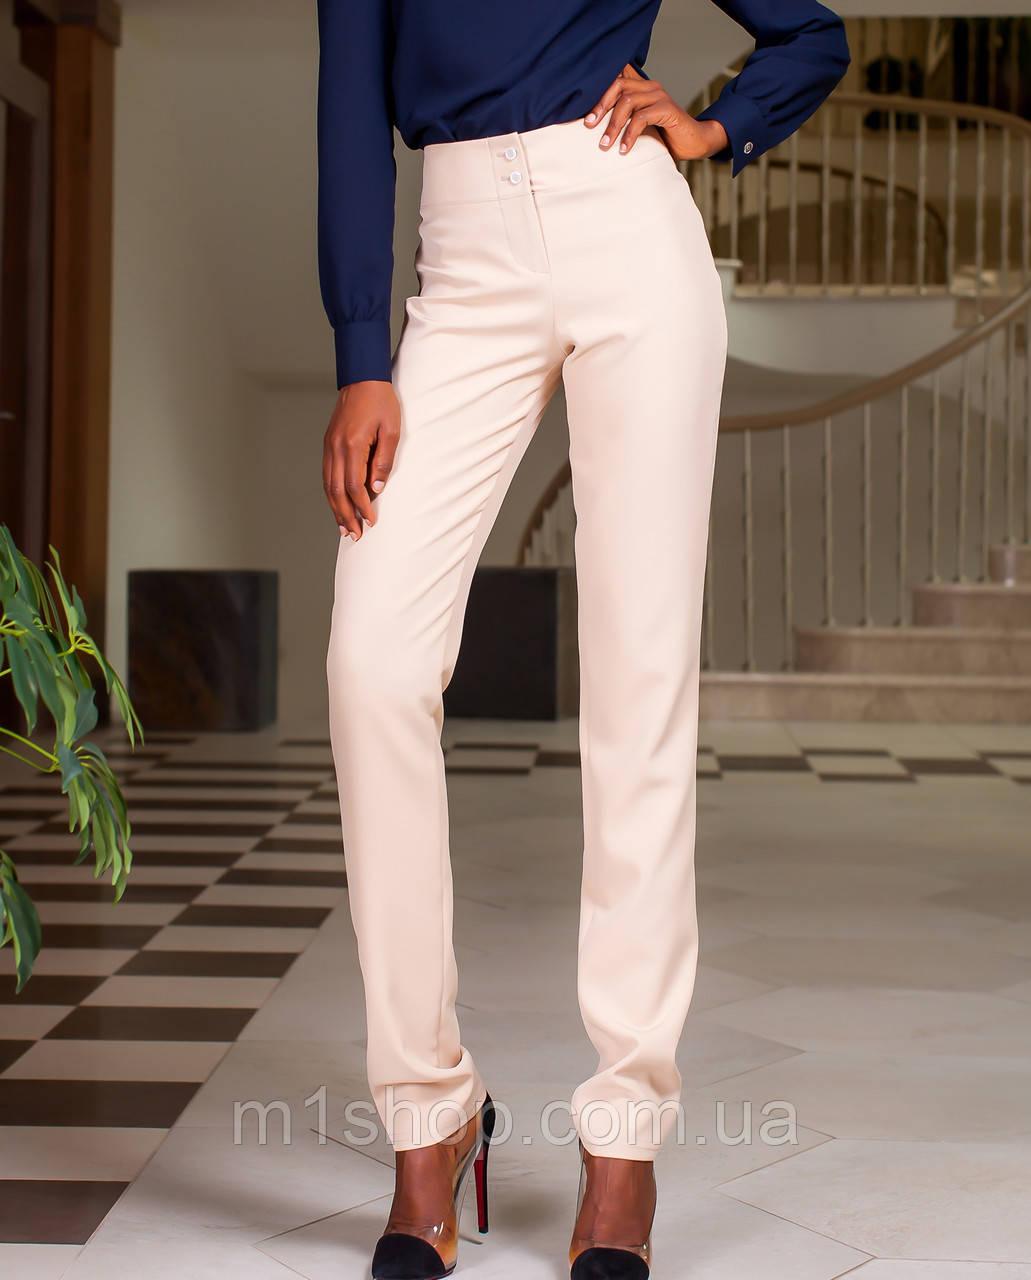 Женские деловые брюки из костюмной ткани (Юкси jd)